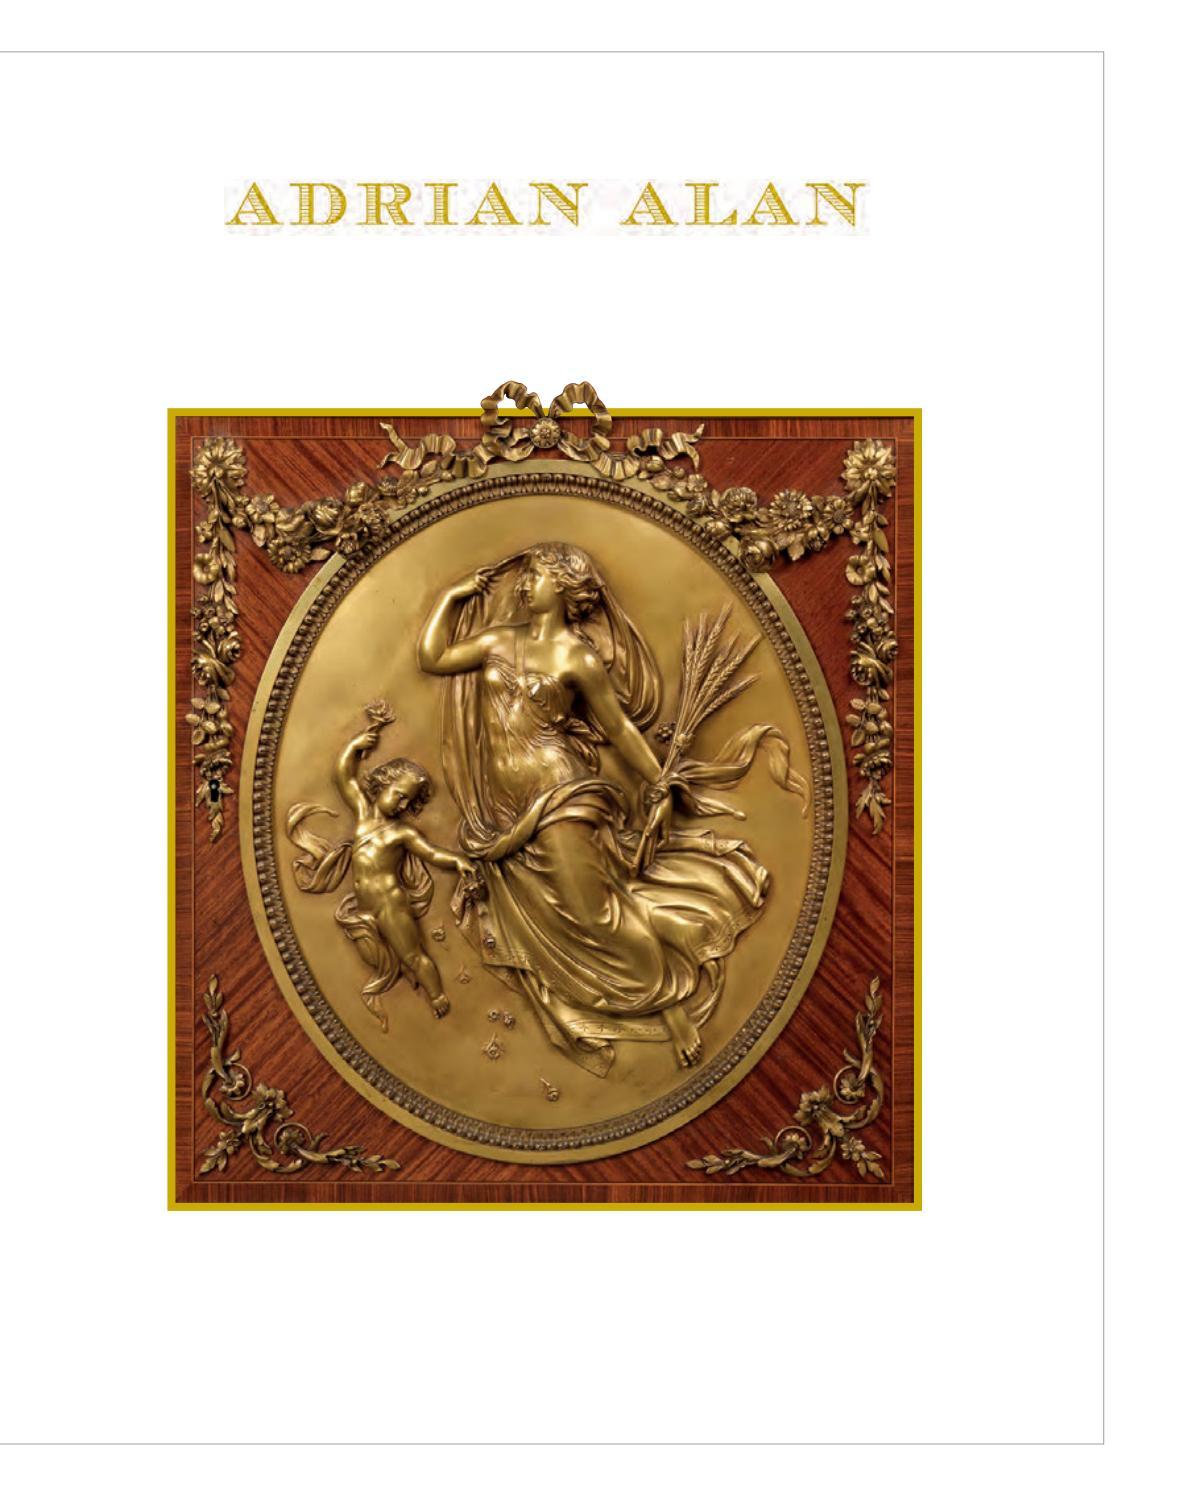 Adrian Alan Ltd New Acquisitions Vol Vii By Adrian Alan Ltd Issuu